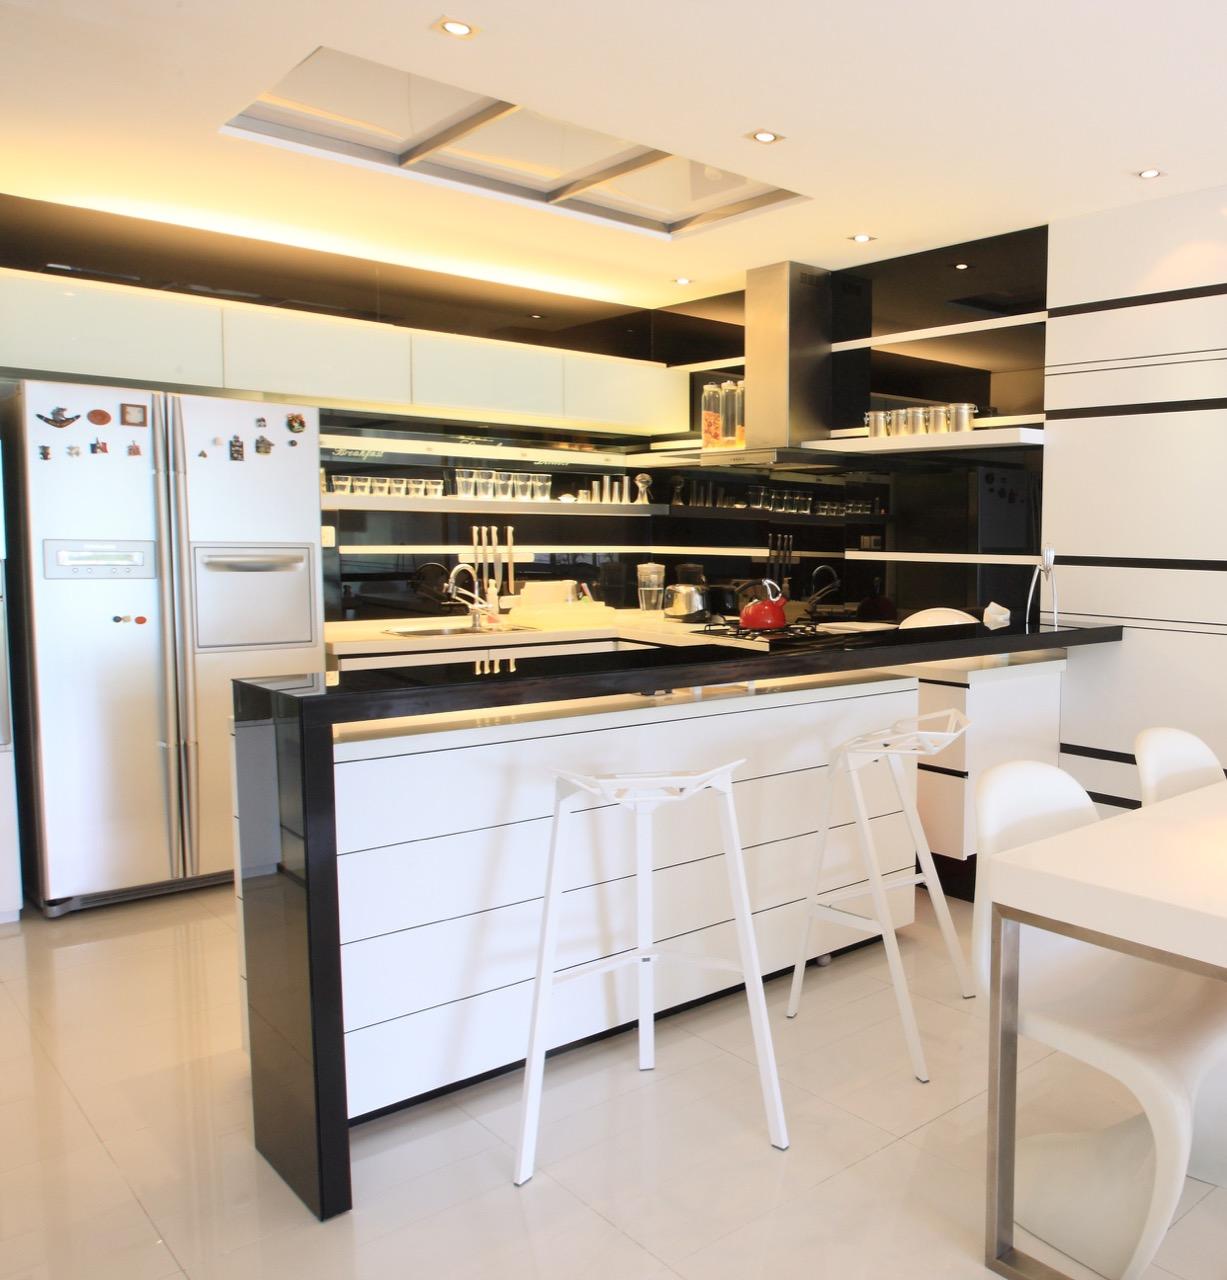 78 iida interior design awards 2011 silver award for Best kitchen designs 2011